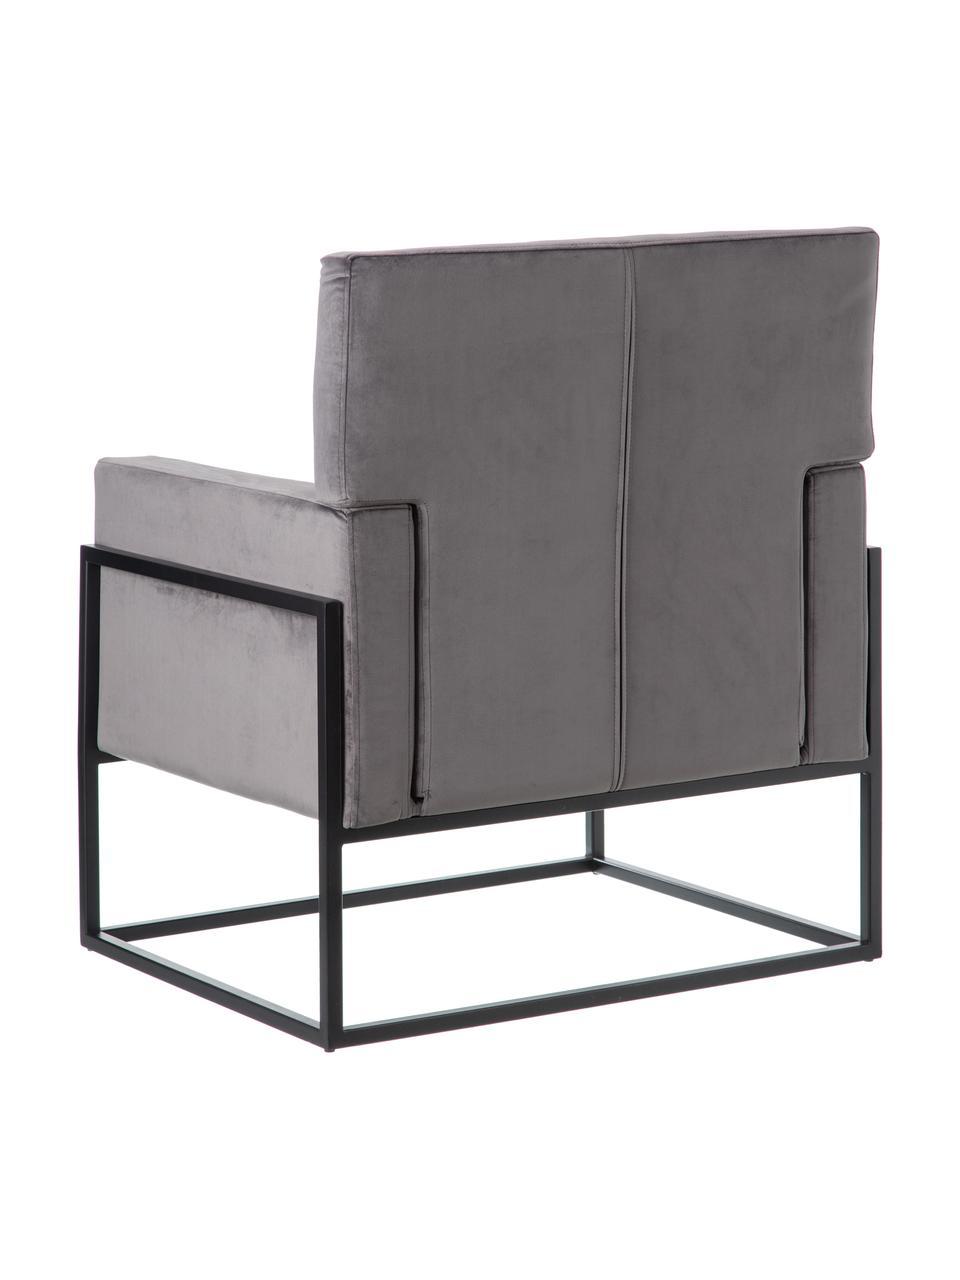 Fotel wypoczynkowy z aksamitu Pete, Tapicerka: 100% aksamit poliestrowy, Nogi: stal szlachetna, Szary, czarny, S 67 x G 74 cm